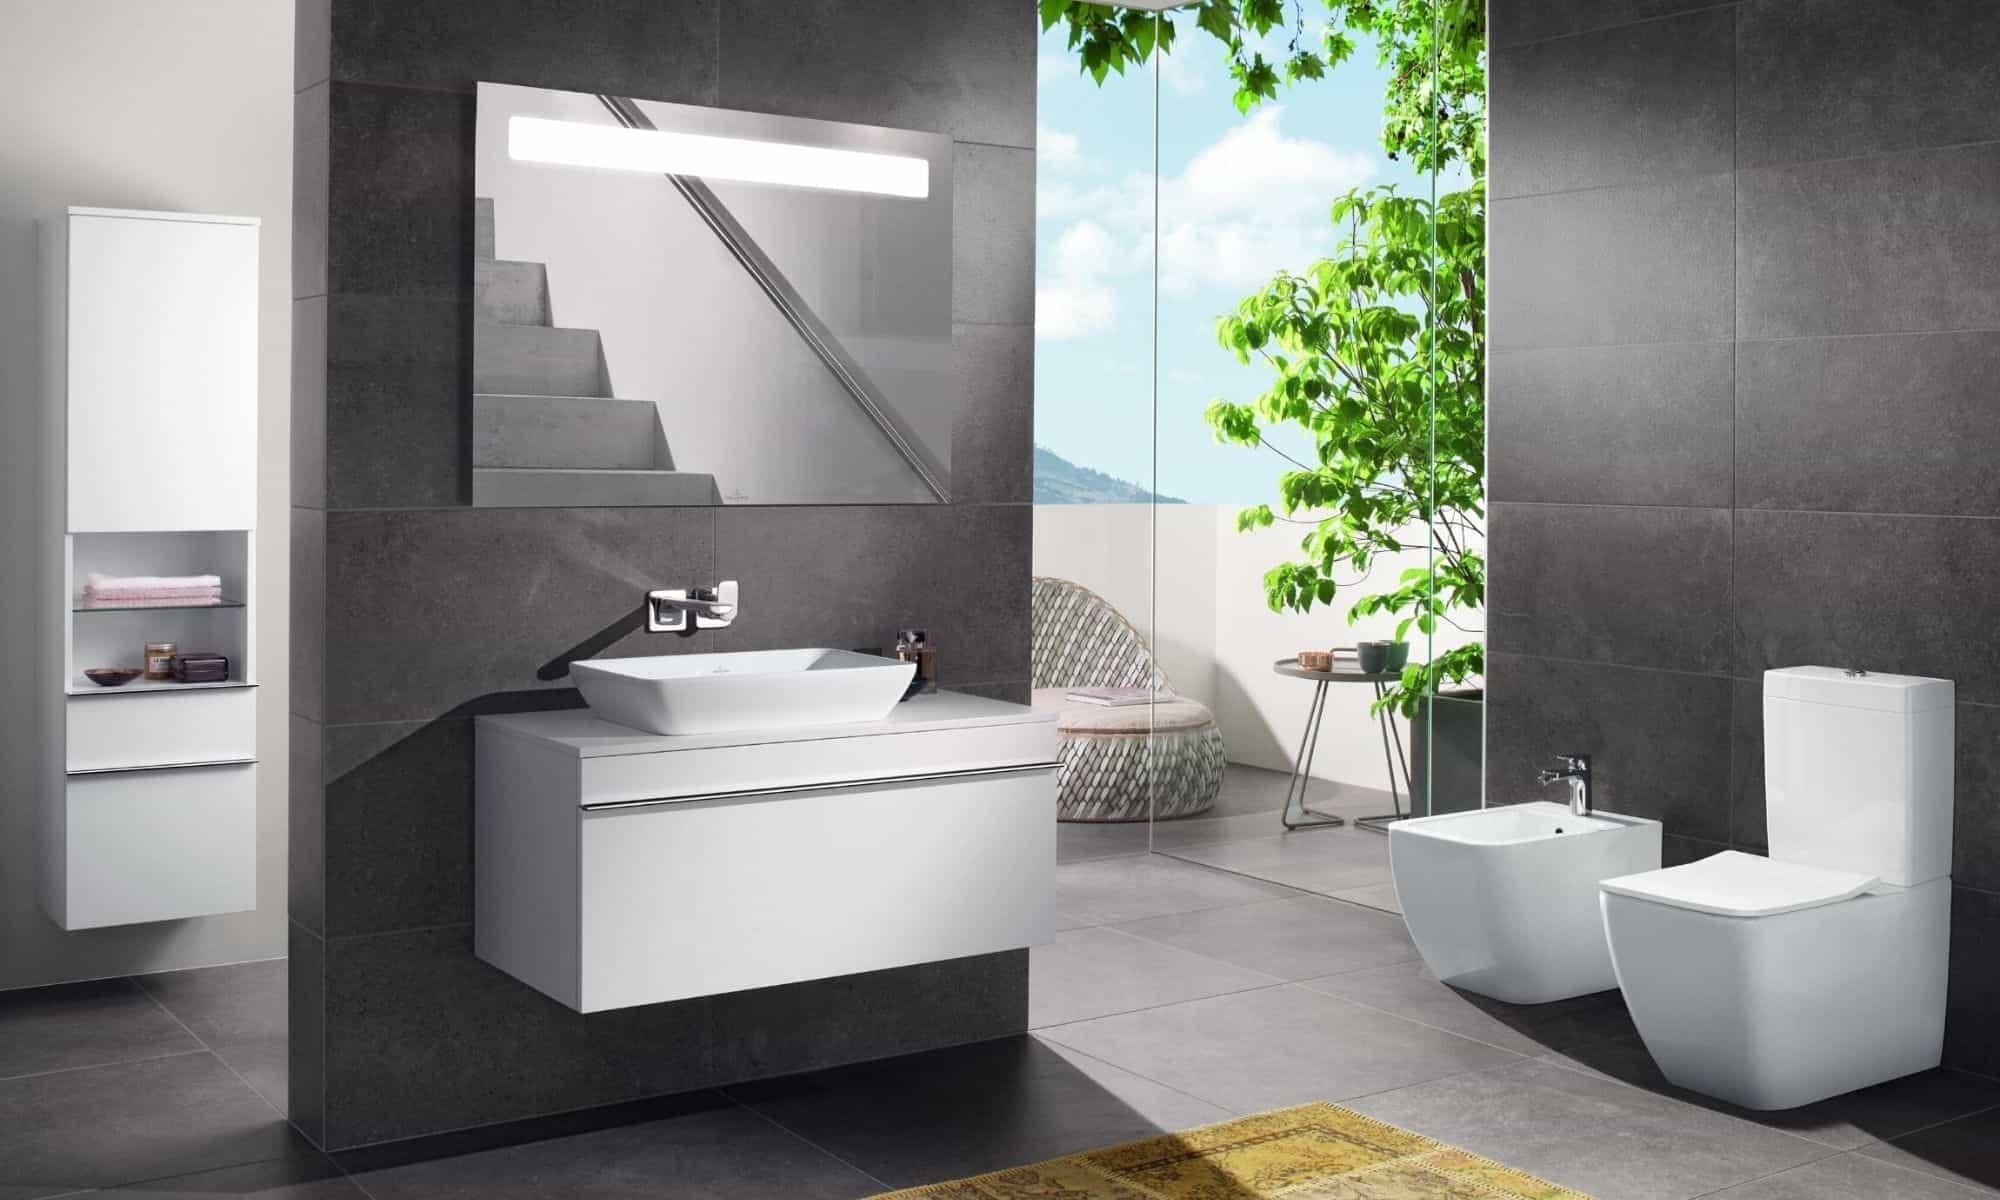 Villeroy & Boch bathroom display